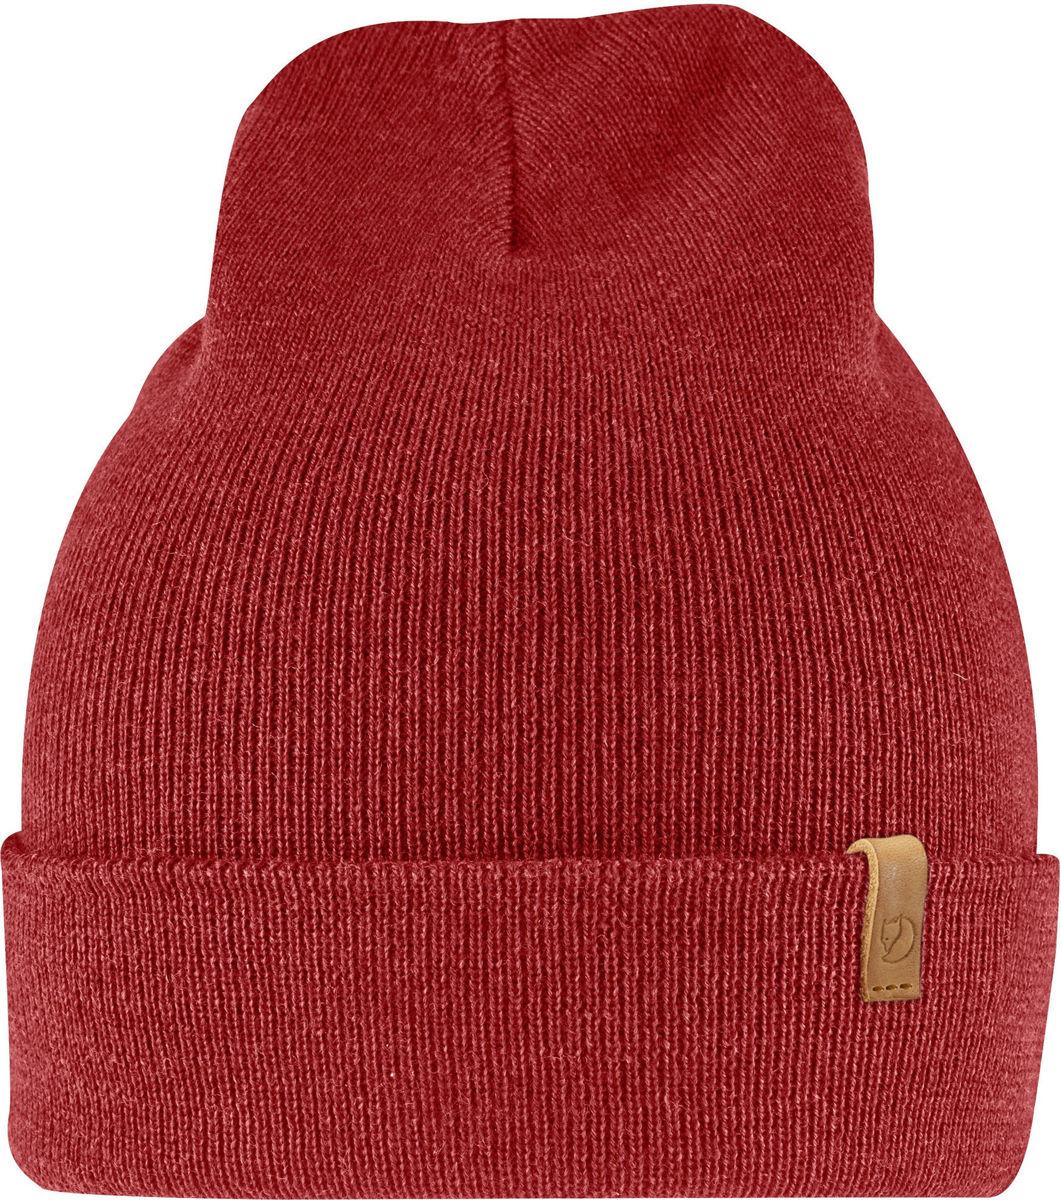 Bilde av Classic Knit Hat